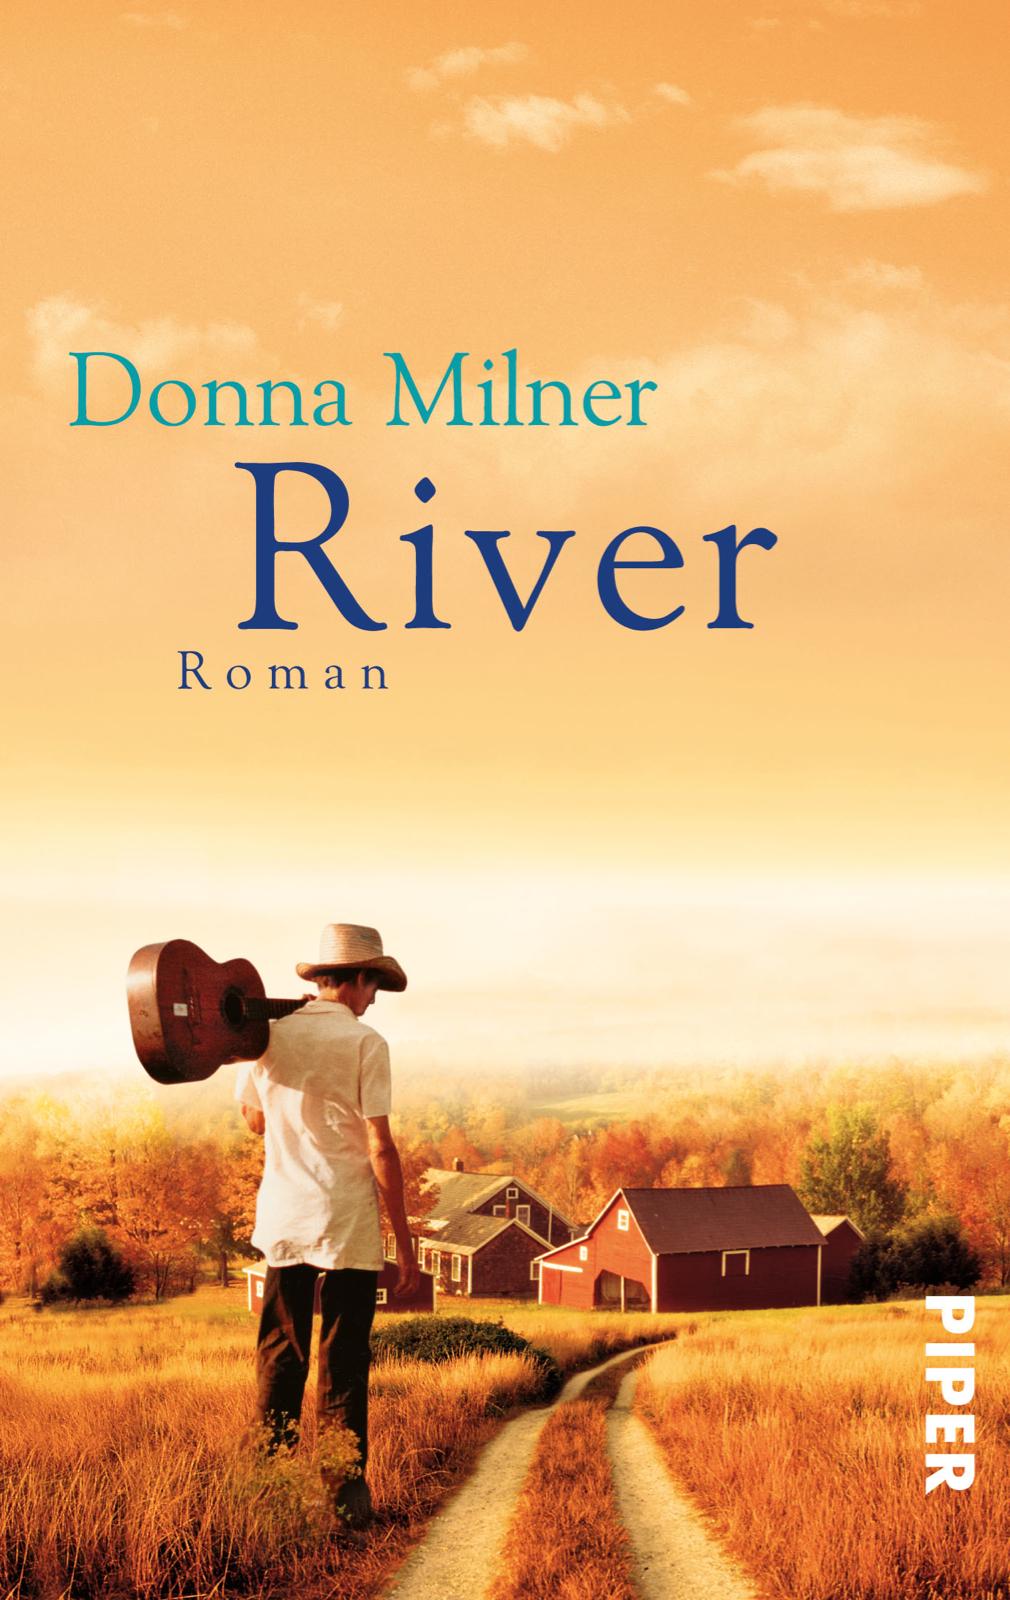 river_donna_milner